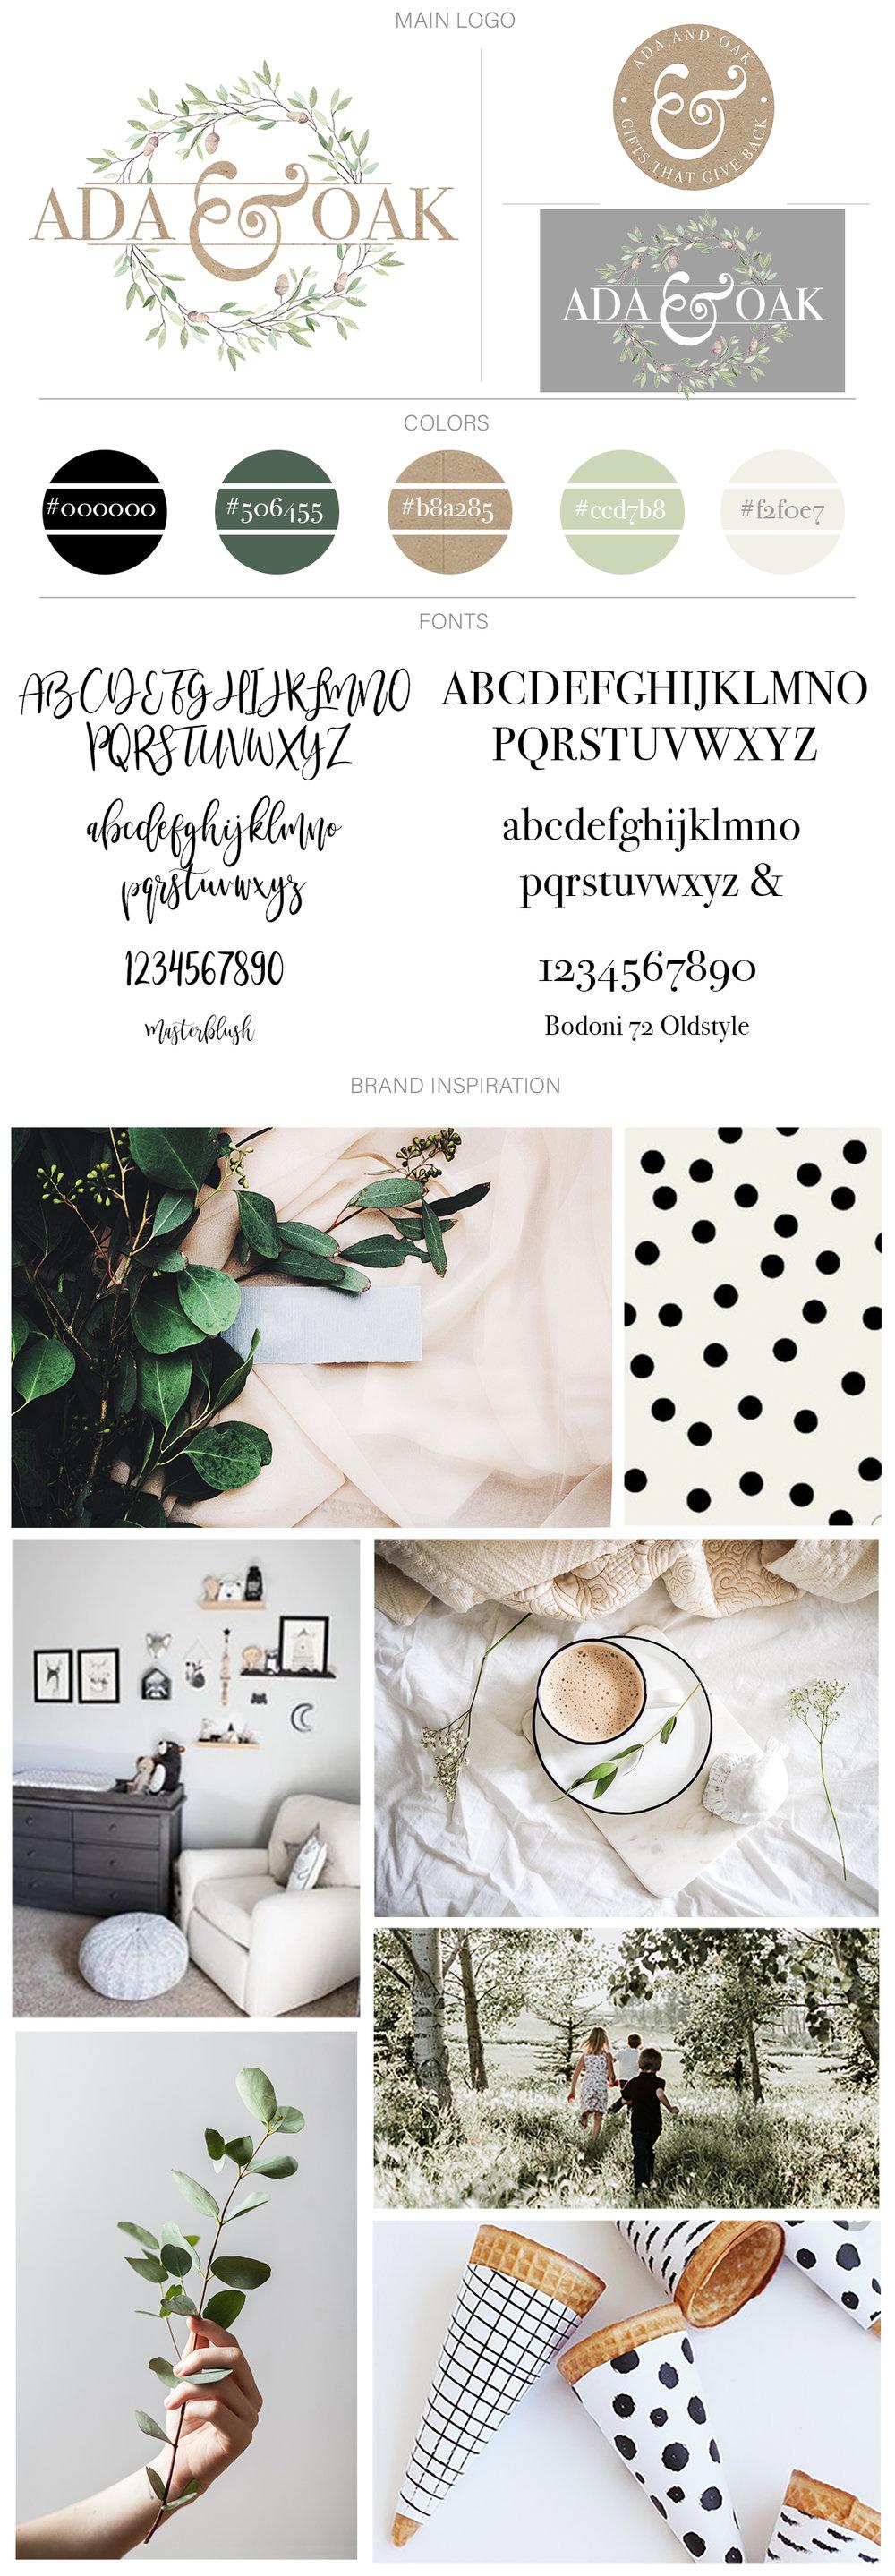 Ada & Oak Brand Board.jpg